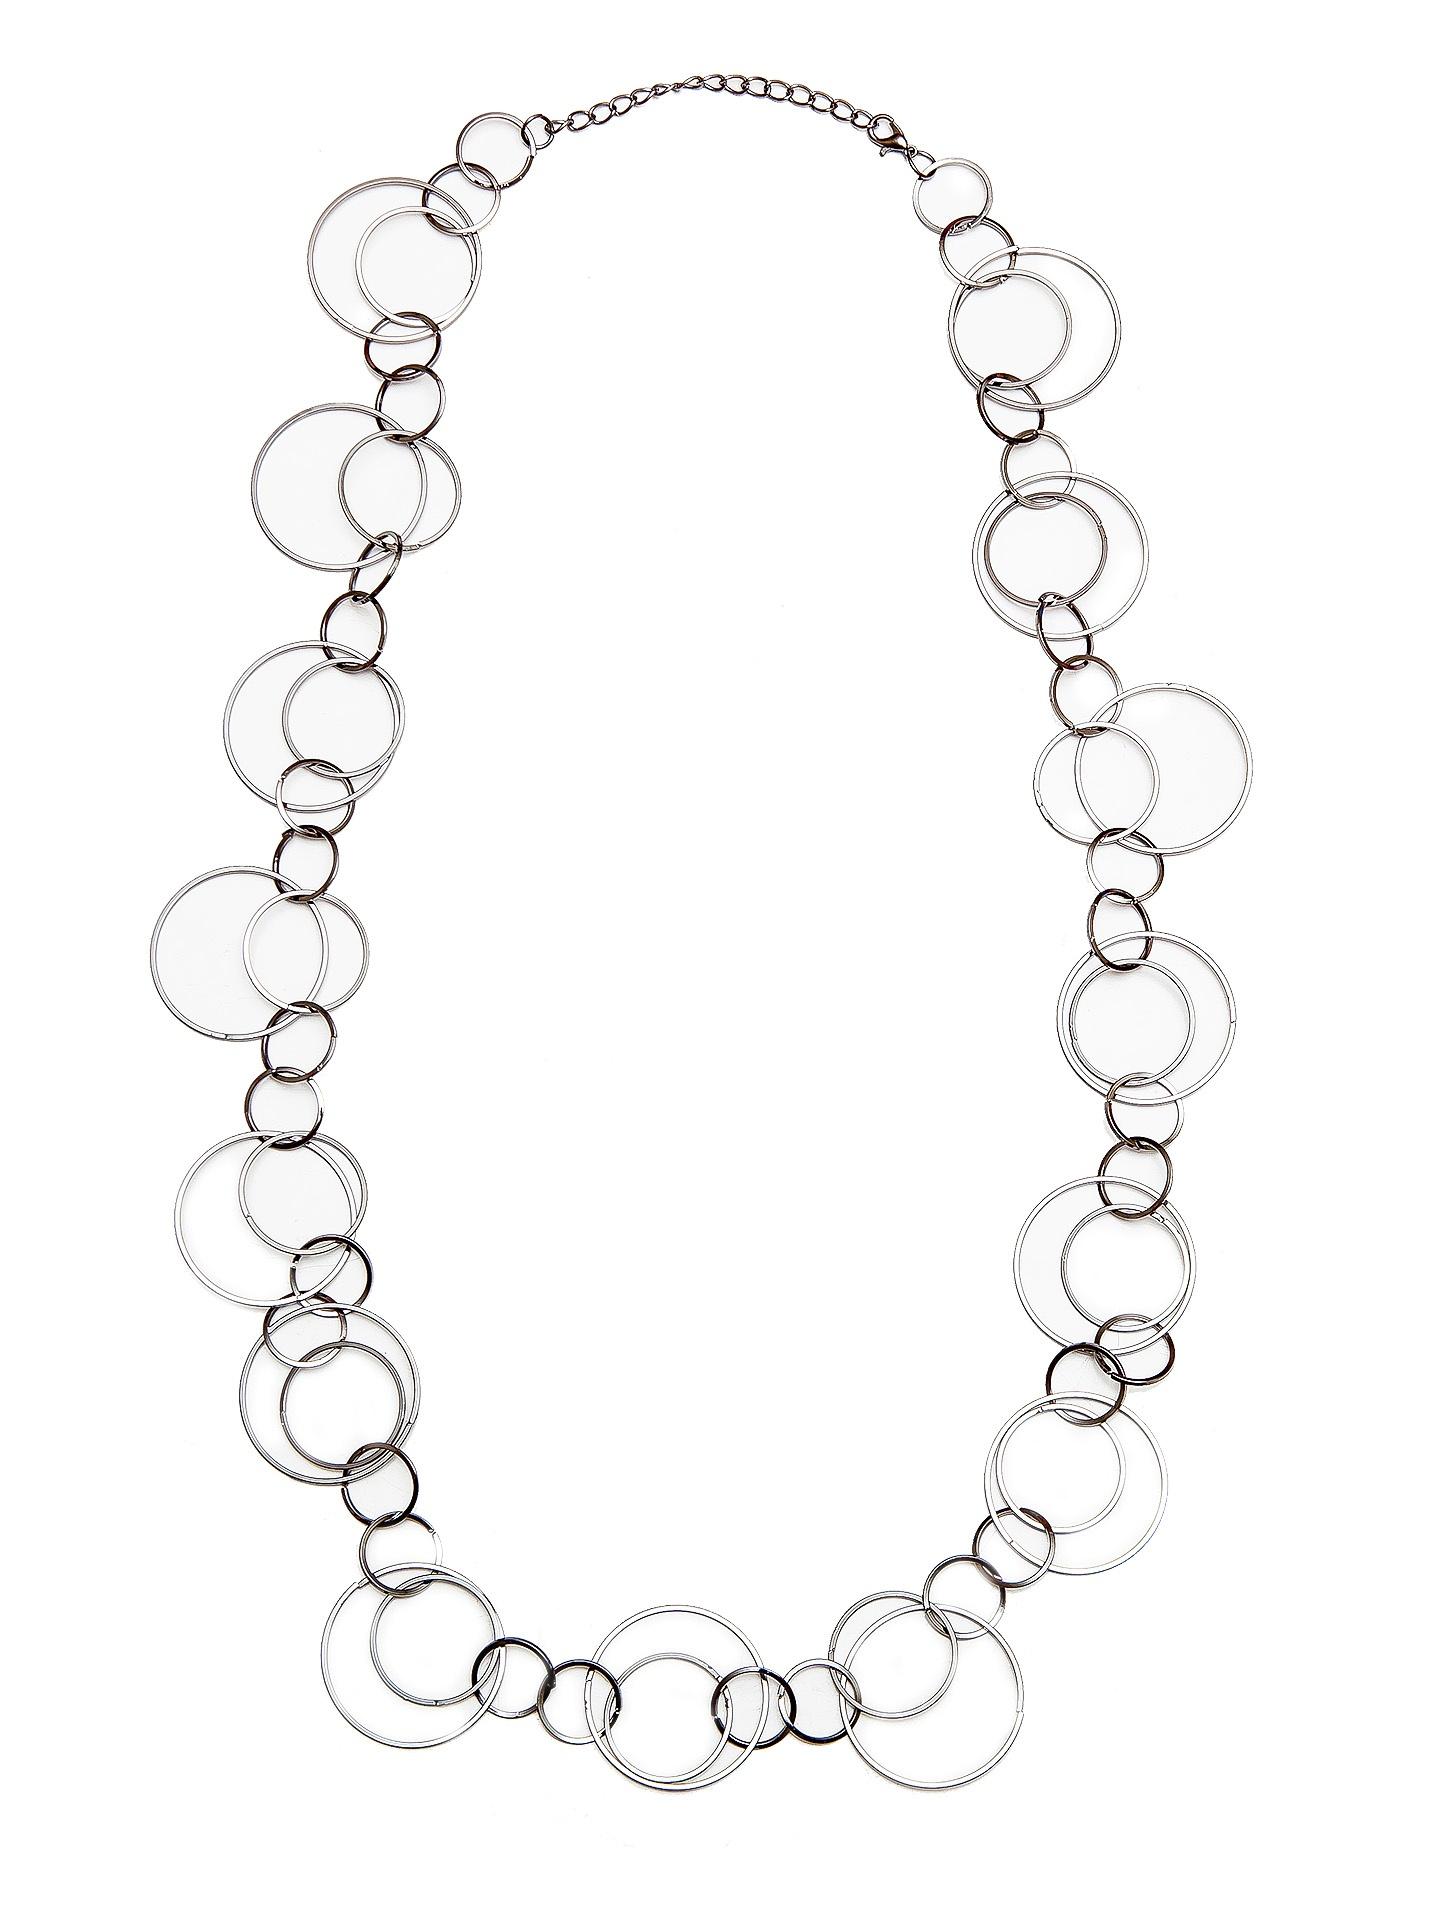 Колье/ожерелье бижутерное Evoize Melair KOL903021, серыйNC903021Размер 83 см * 3,5 см Состав: сплав на основе латуни